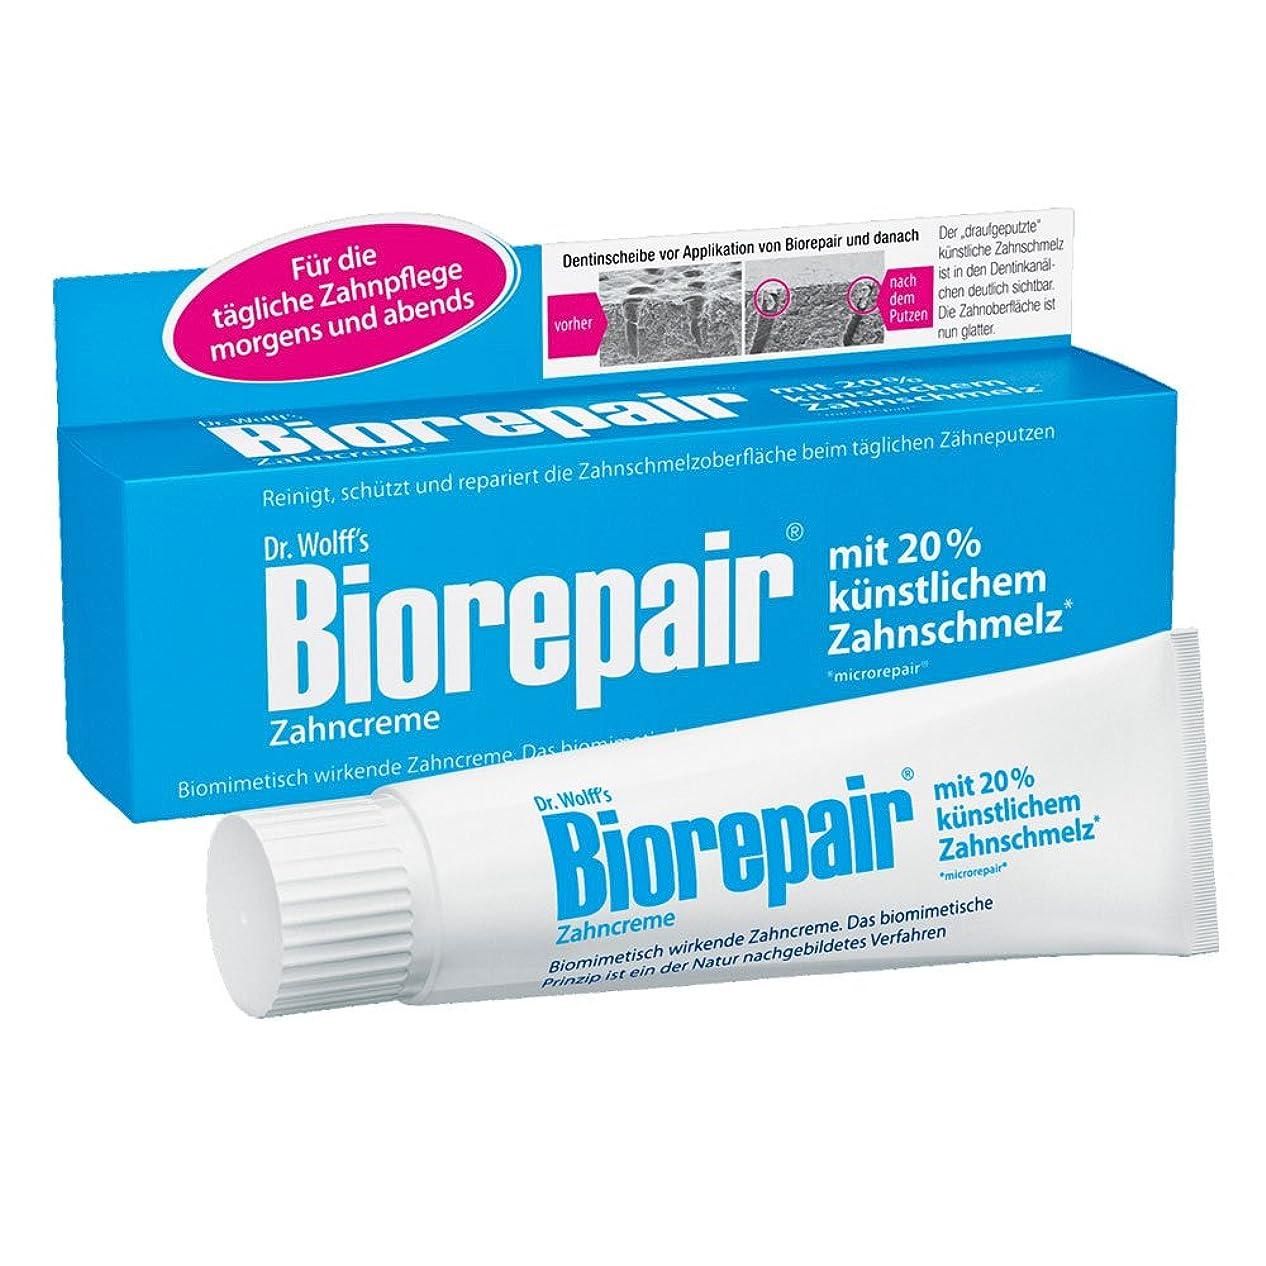 引用である現像Biorepair 歯磨き粉オリジナル、75ml(1pack) 歯の保護 耐摩耗性 1pack [並行輸入品]